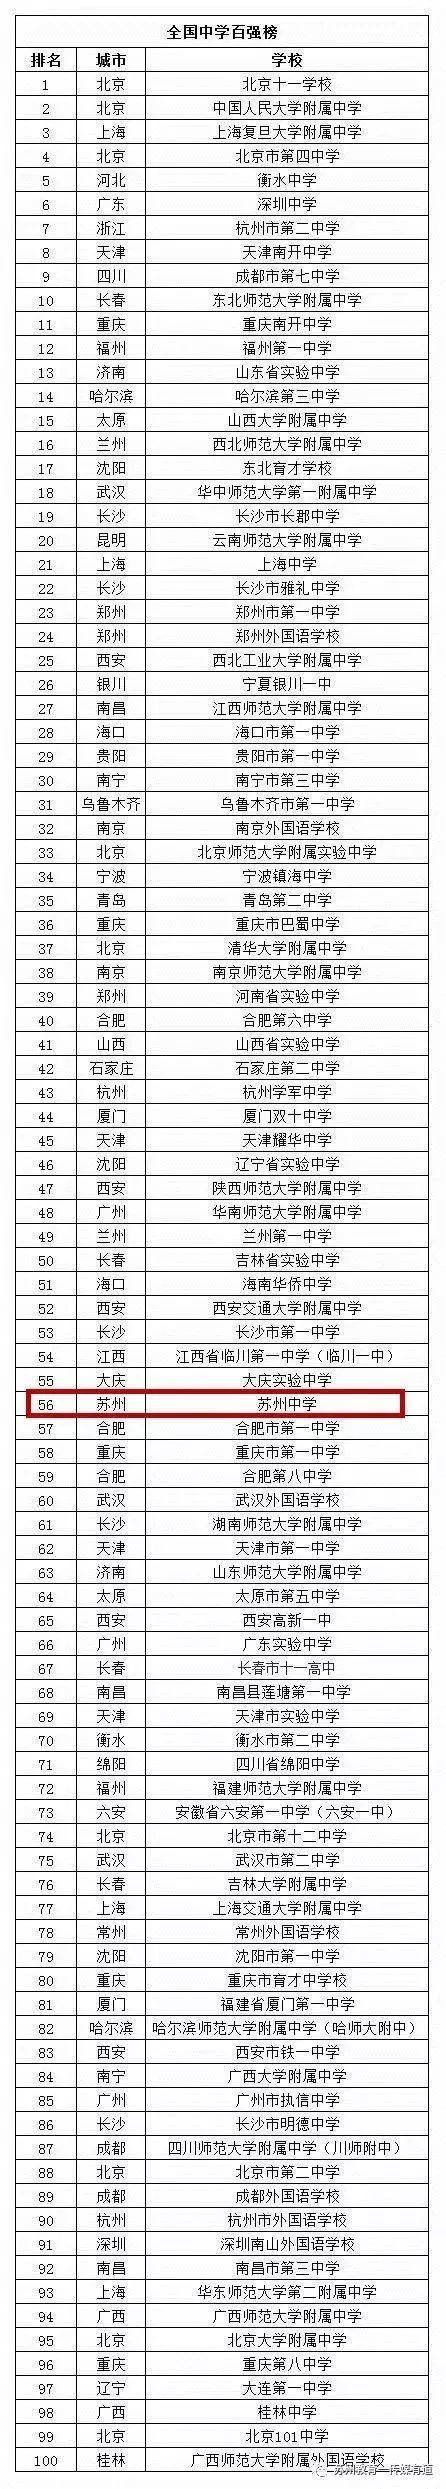 厉害!苏州四所学校入选中国中小学百强榜,有你的母校吗?